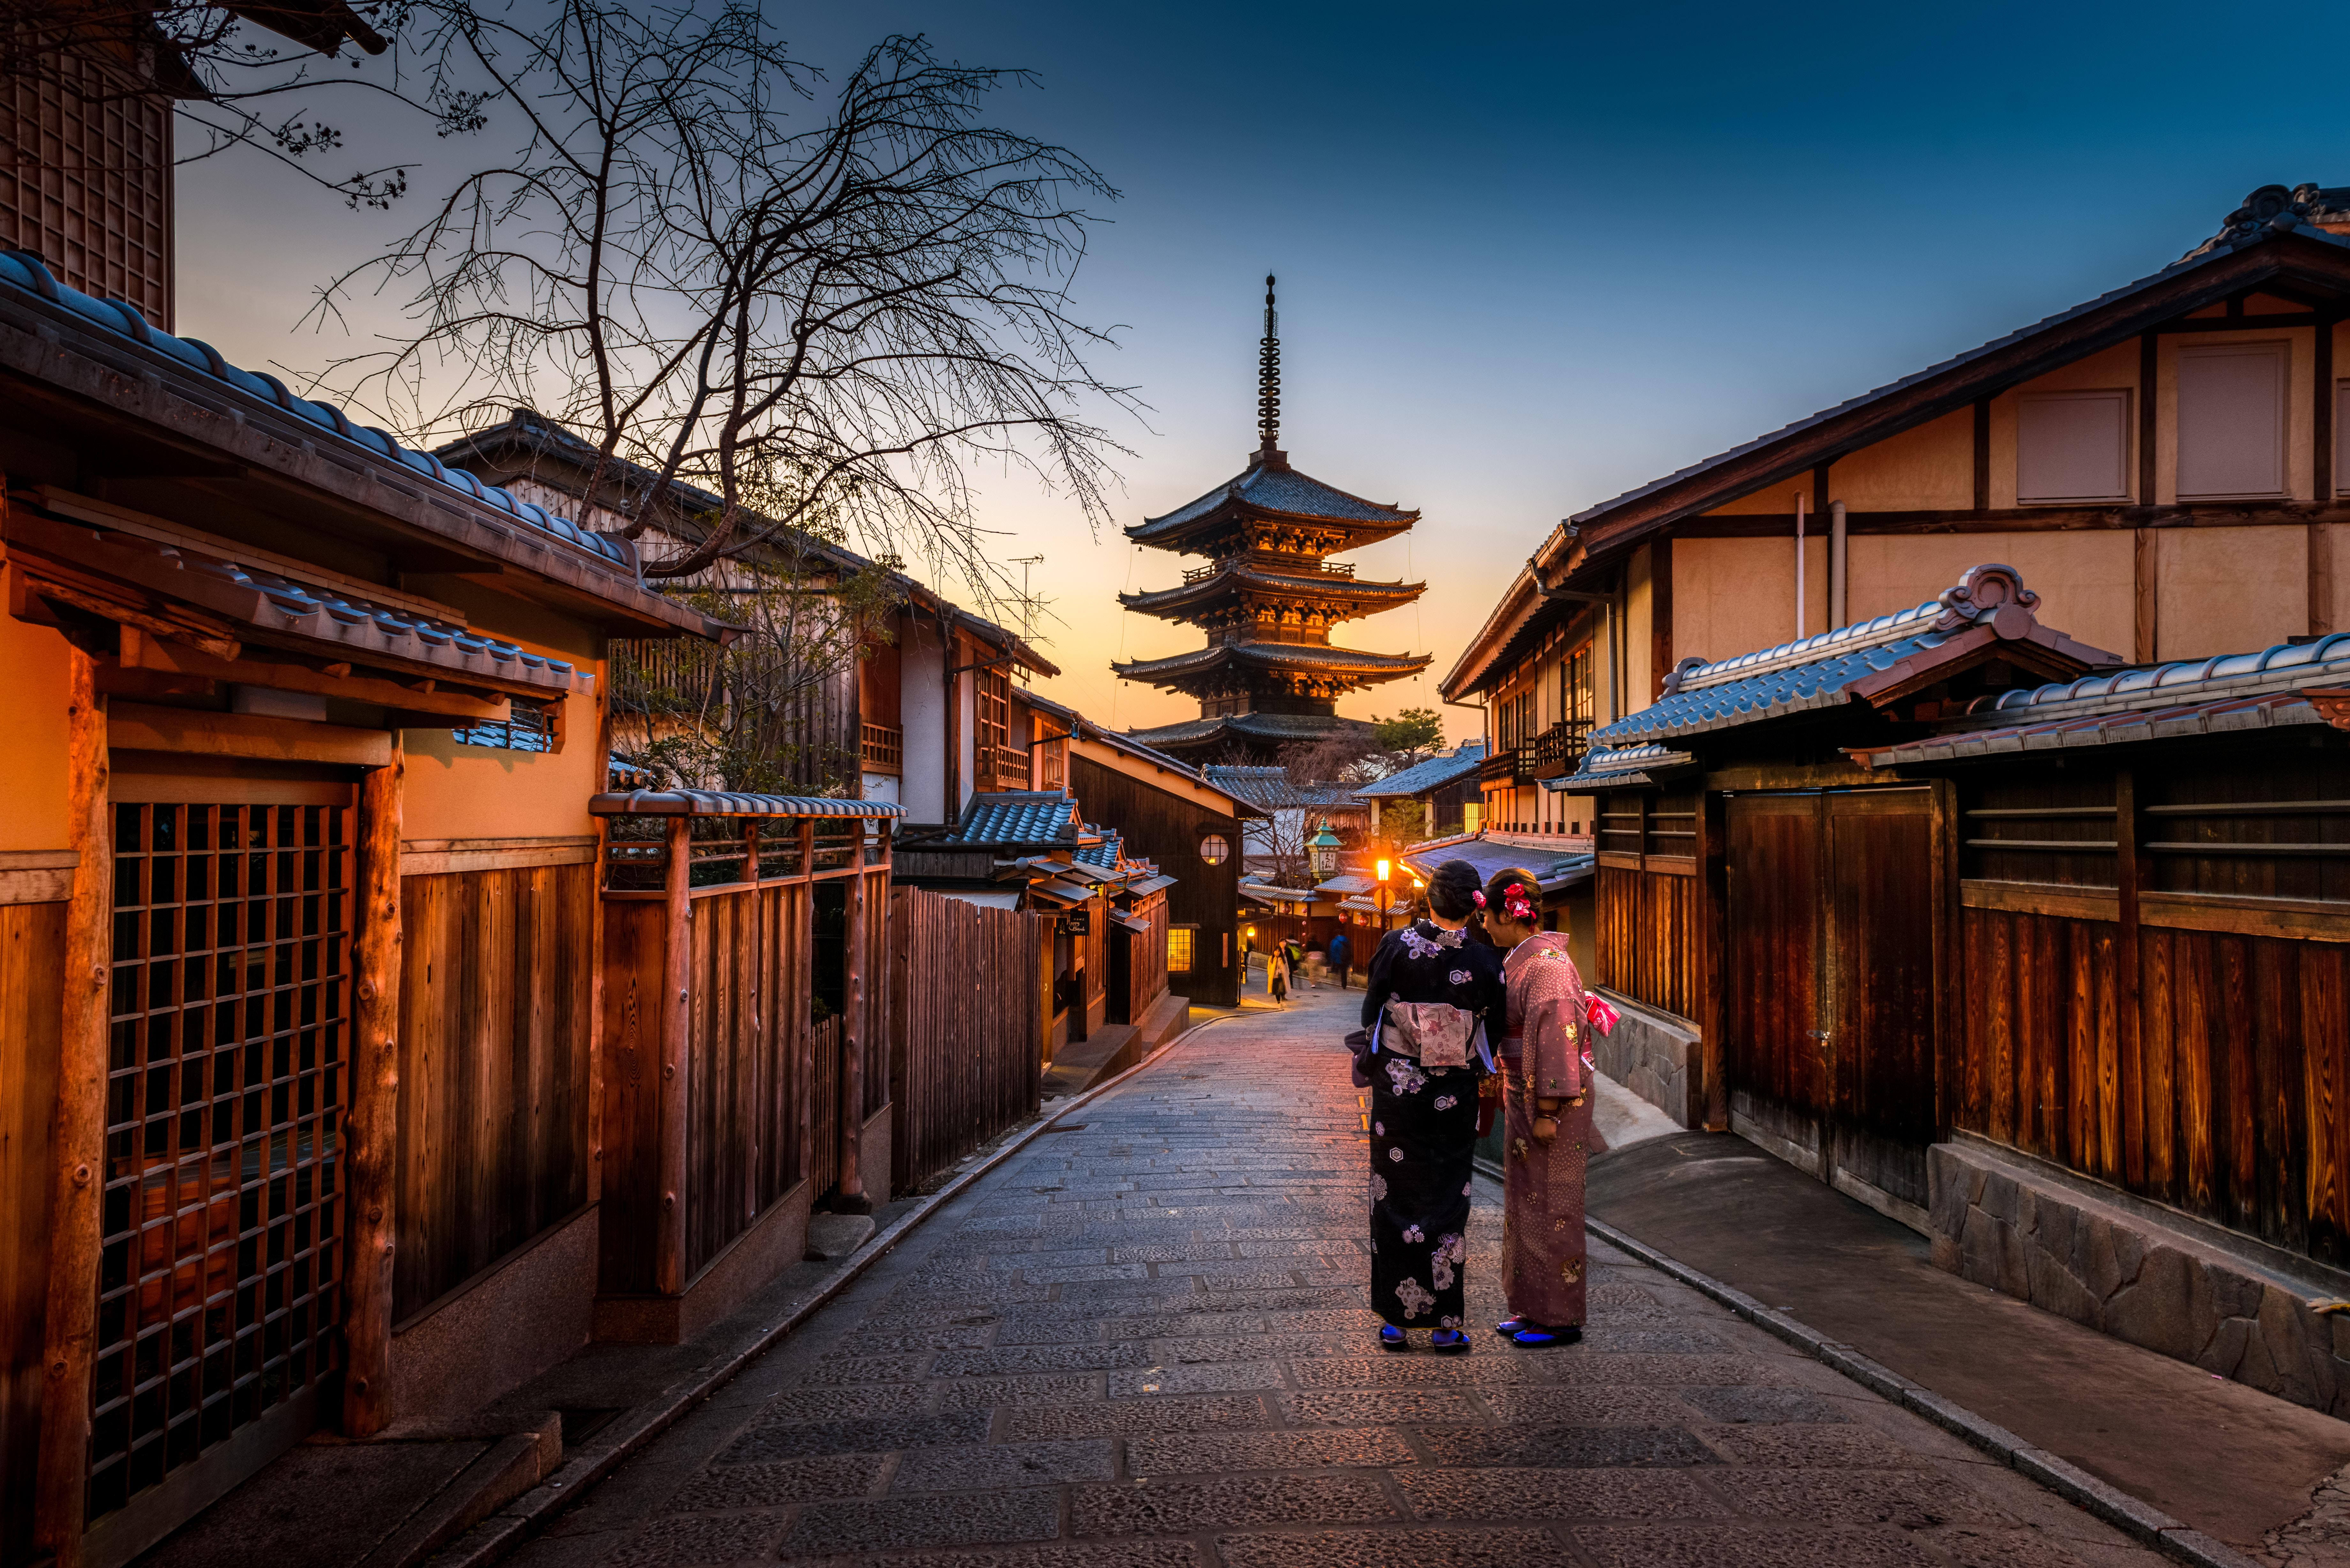 Kyoto, Japan picture by Sorasak on Unsplash.com